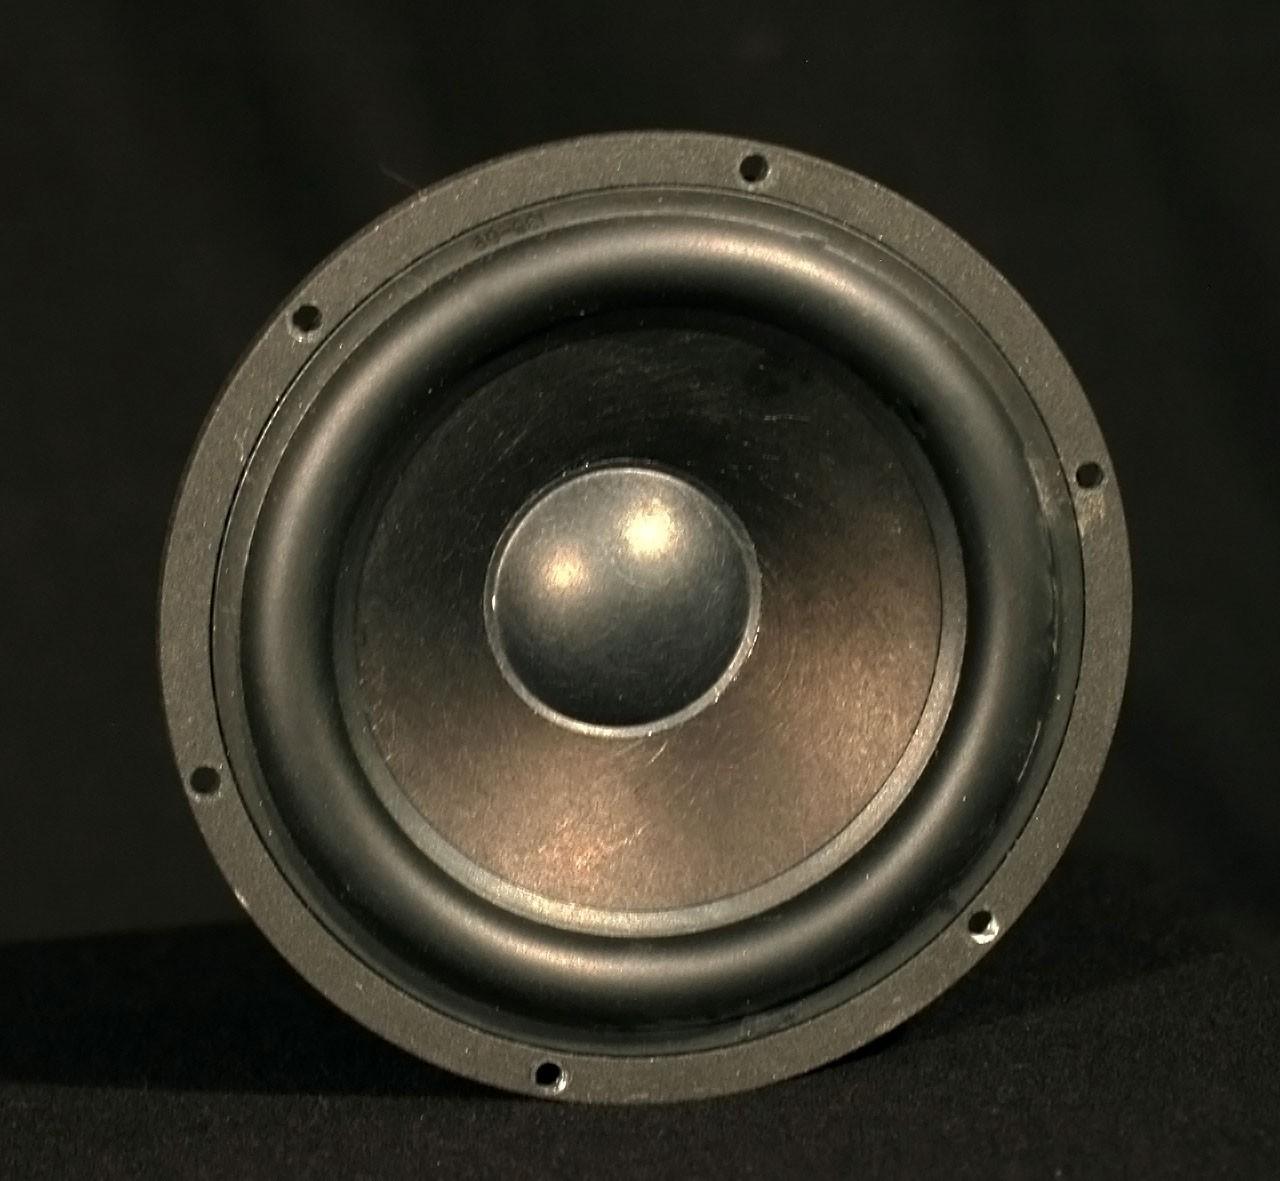 Czym się kierować przy zakupie sprzętu audio?